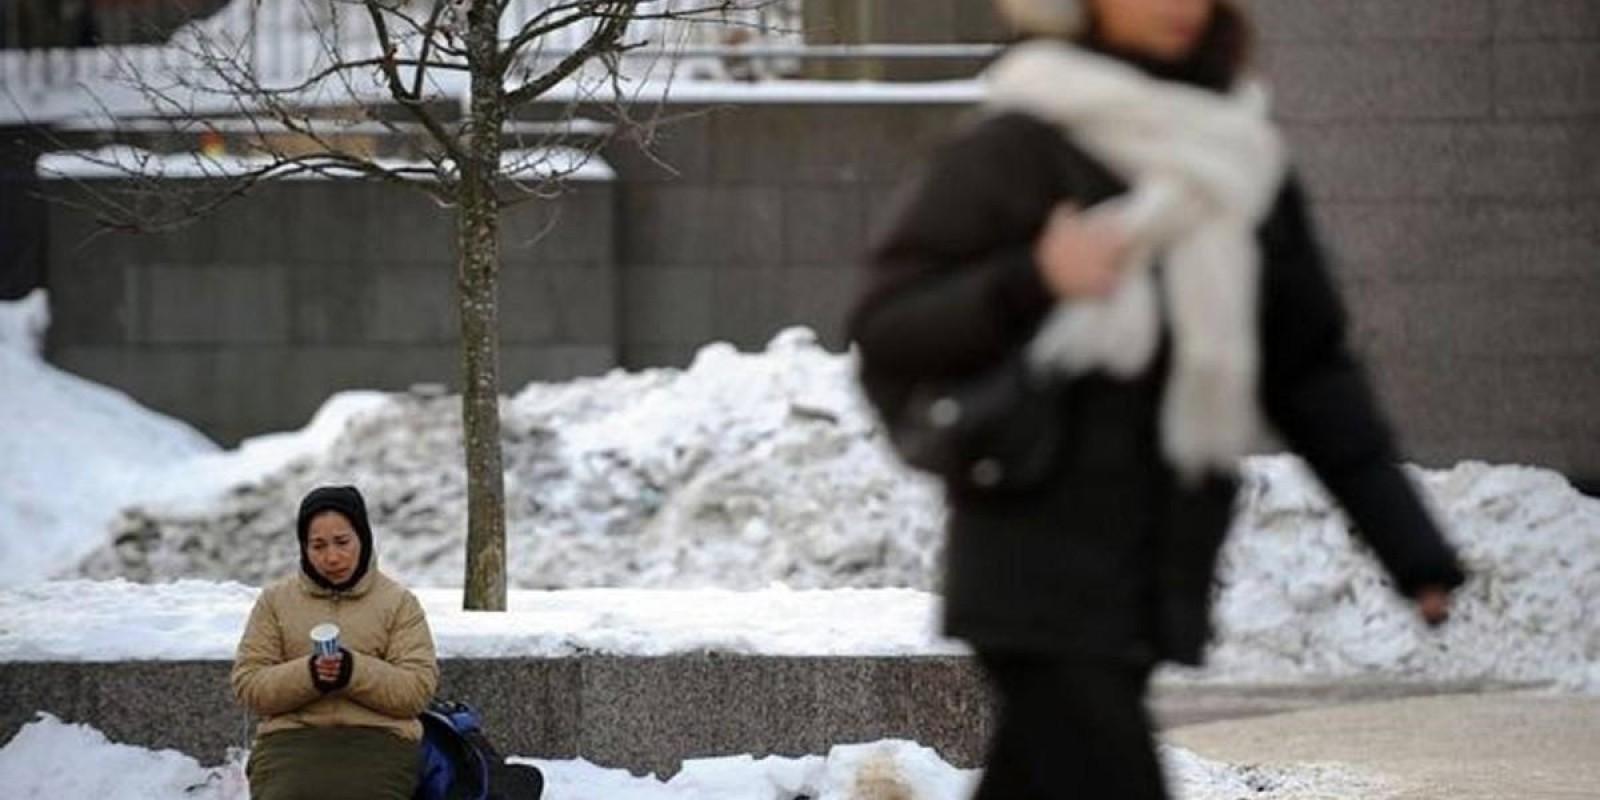 Como A Finlândia Conseguiu Tirar Da Rua E Reintegrar Os Sem-Teto